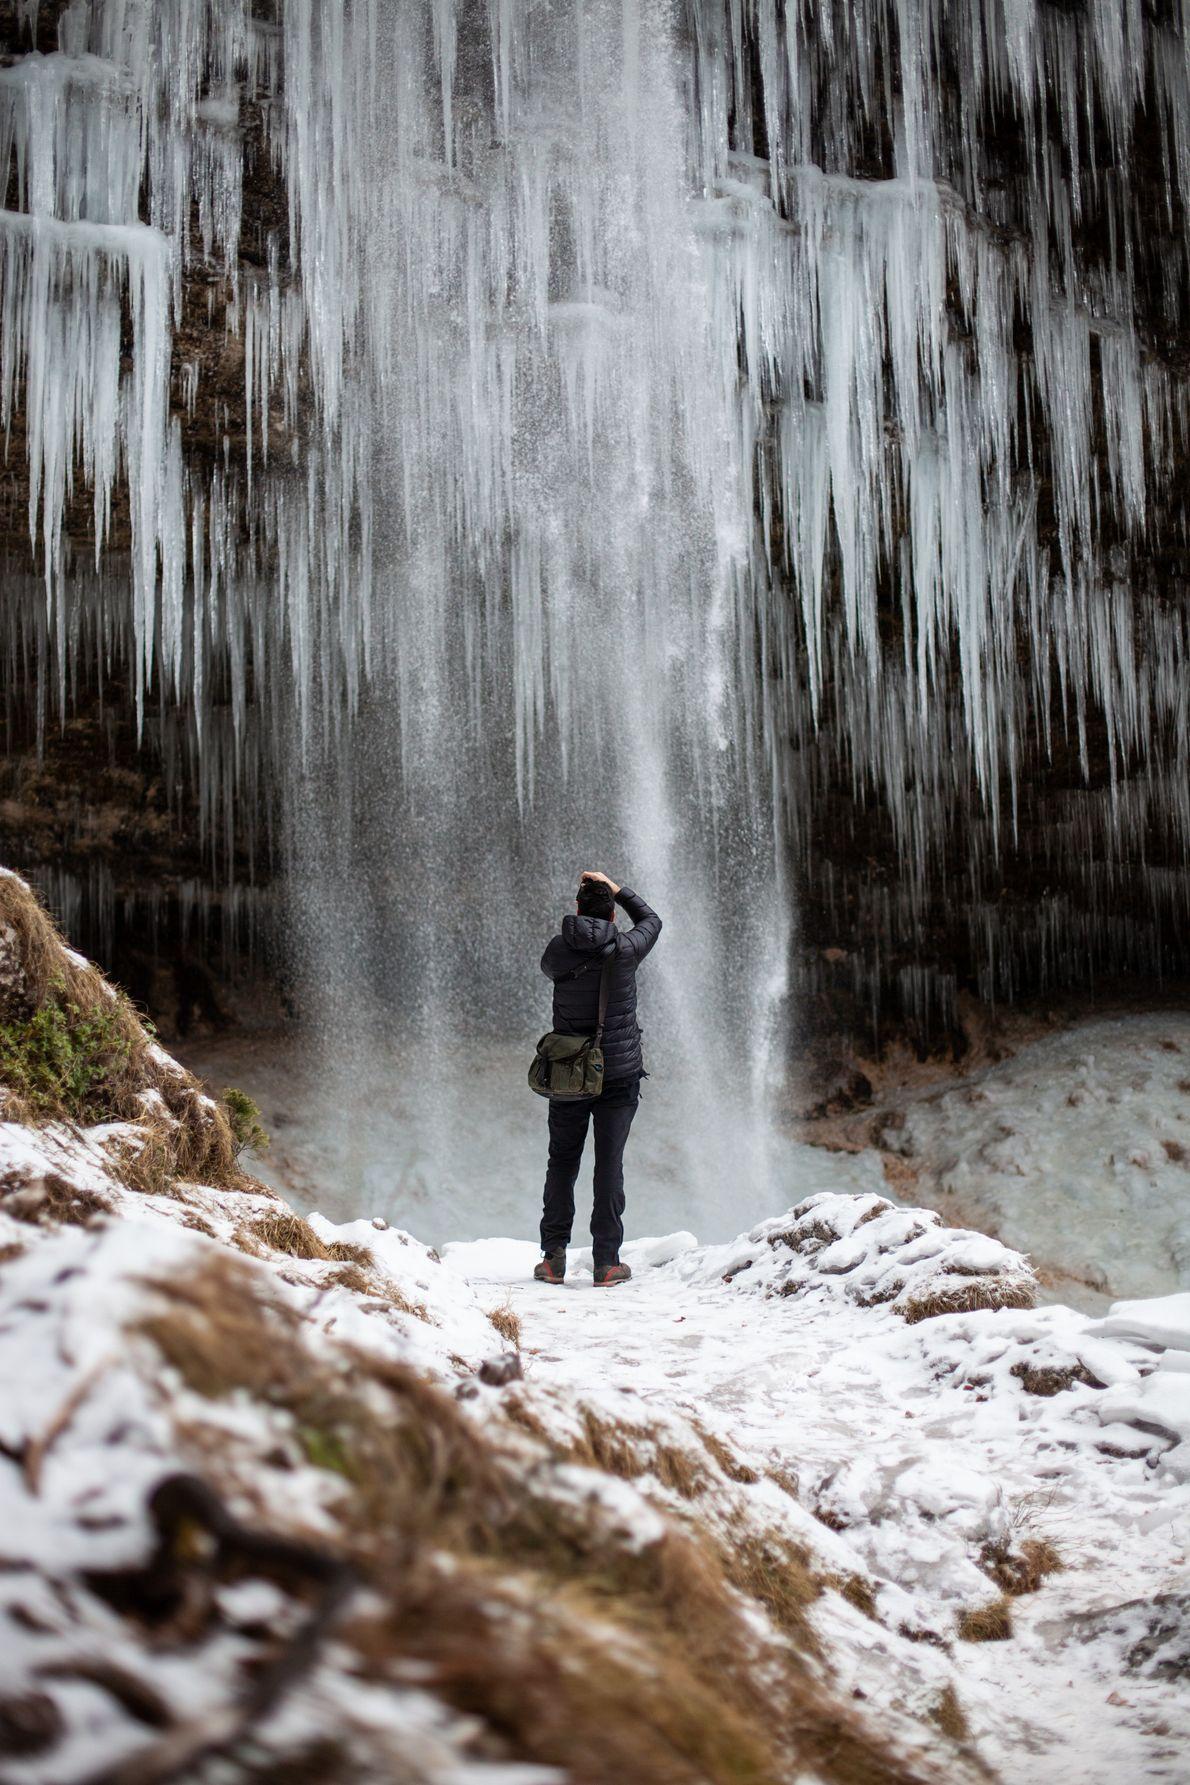 Die Kunst der Natur. National Geographic-Fotograf Ciril Jazbec bringt sich unterhalb dem fast durchgefrorenen Peričnik-Wasserfall in ...